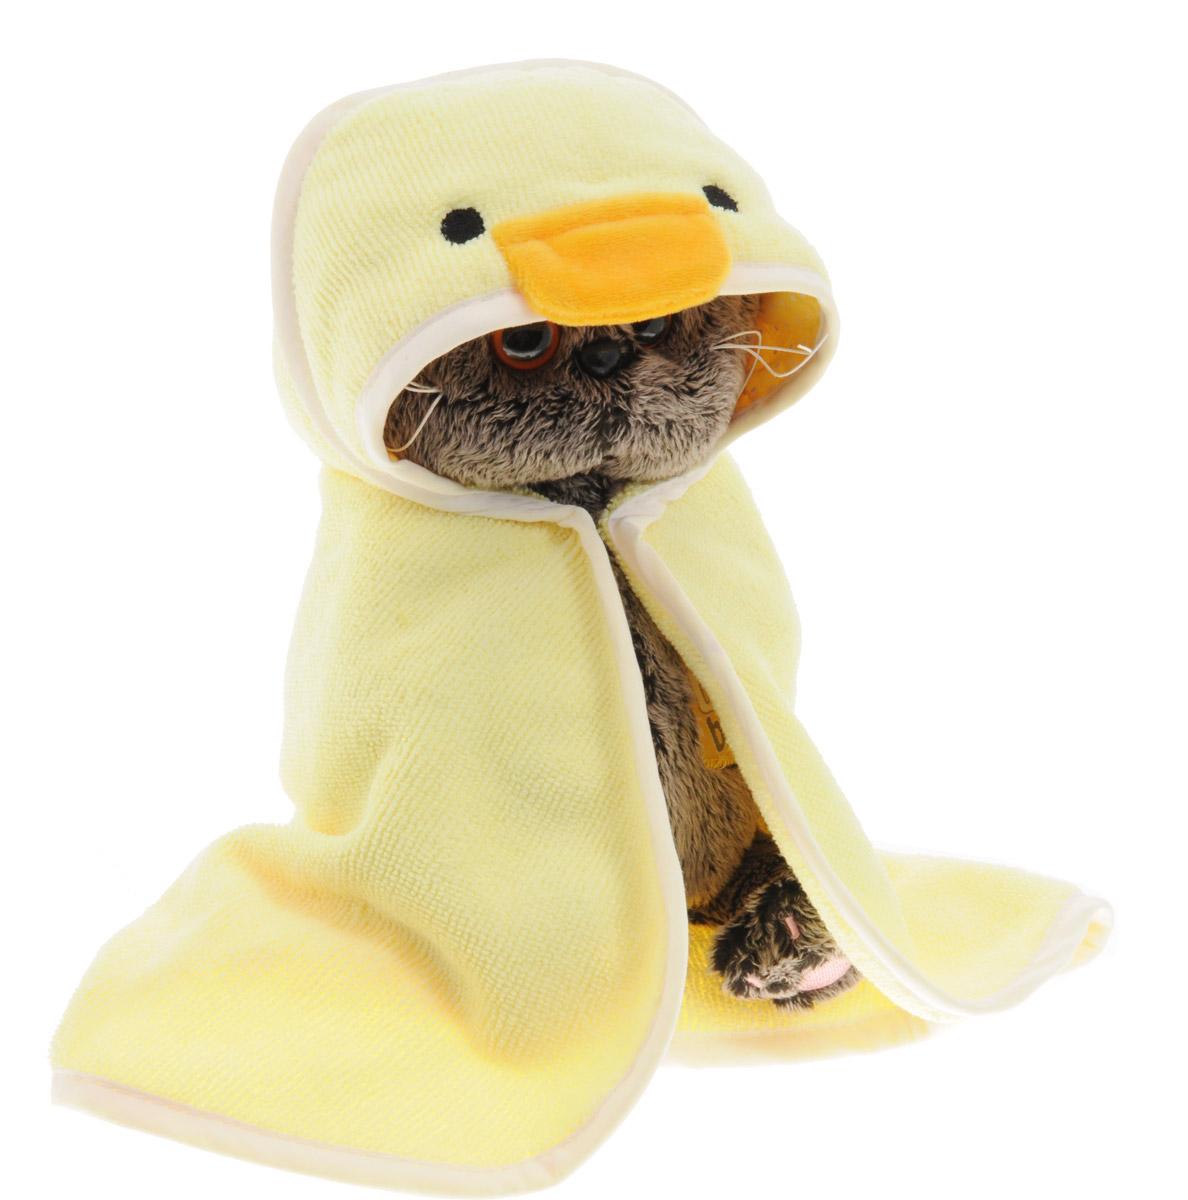 Мягкая игрушка Басик в полотенце с капюшоном 20 смBB-011Банное полотенце в виде уточки сшито из бледно-жёлтой махровой ткани и отделано белым х/б кантом.